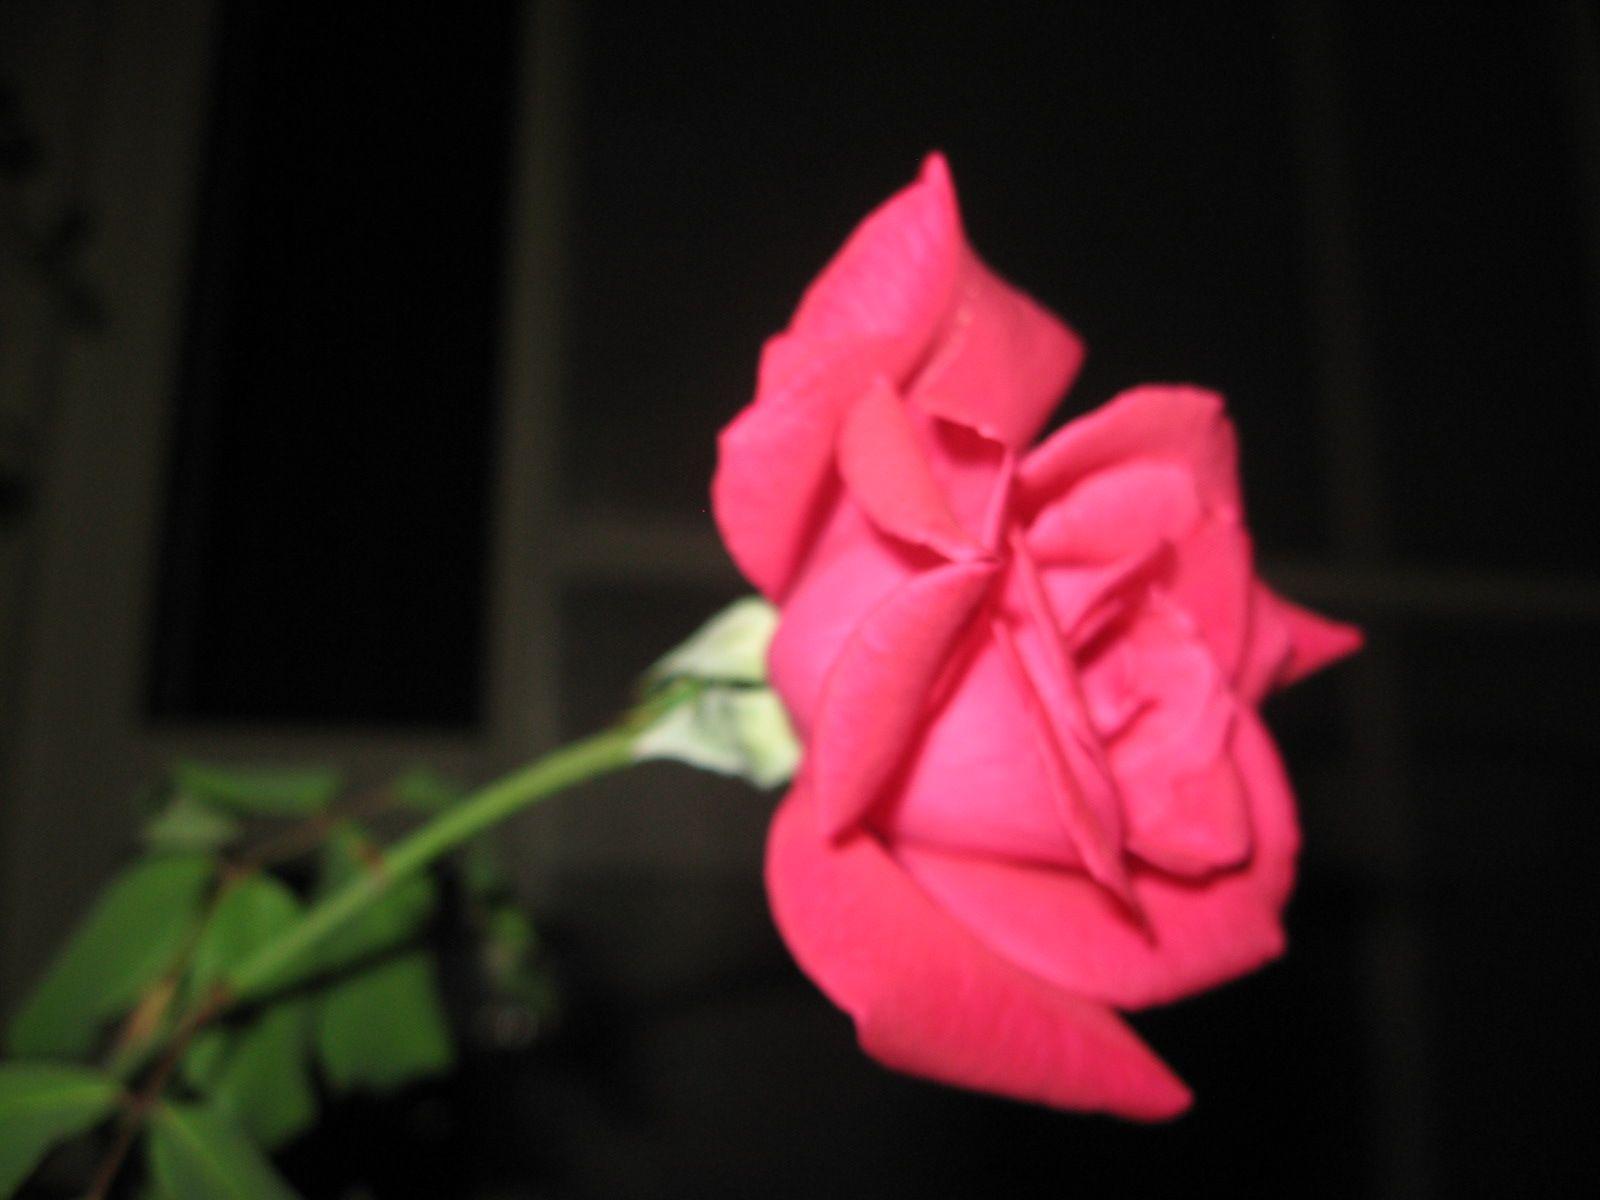 ورد بلدي الوردة نفسها عمرها قصير جد ا و لا تزهر الا مرة كل عدة اشهر و لكن النبات نفسه يستمر معك ينفض اوراقه تماما ثم ينمو براعم جديدة ب Plants